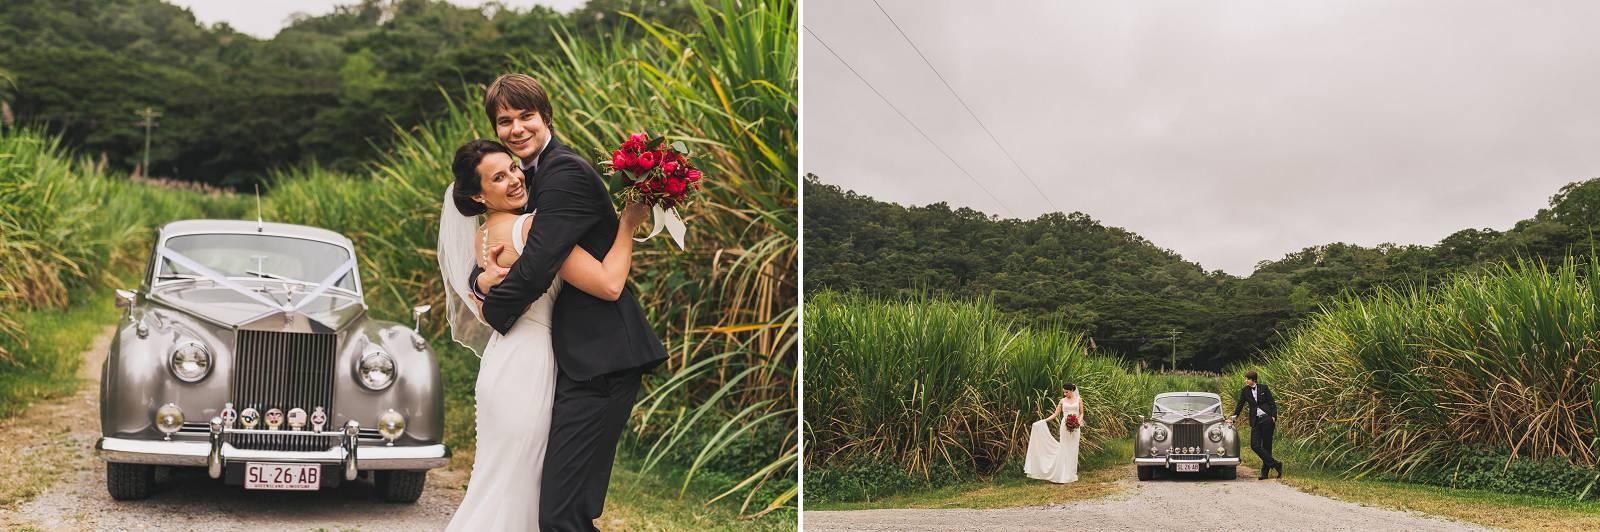 Wedding Photo Sugar Cane Port Douglas